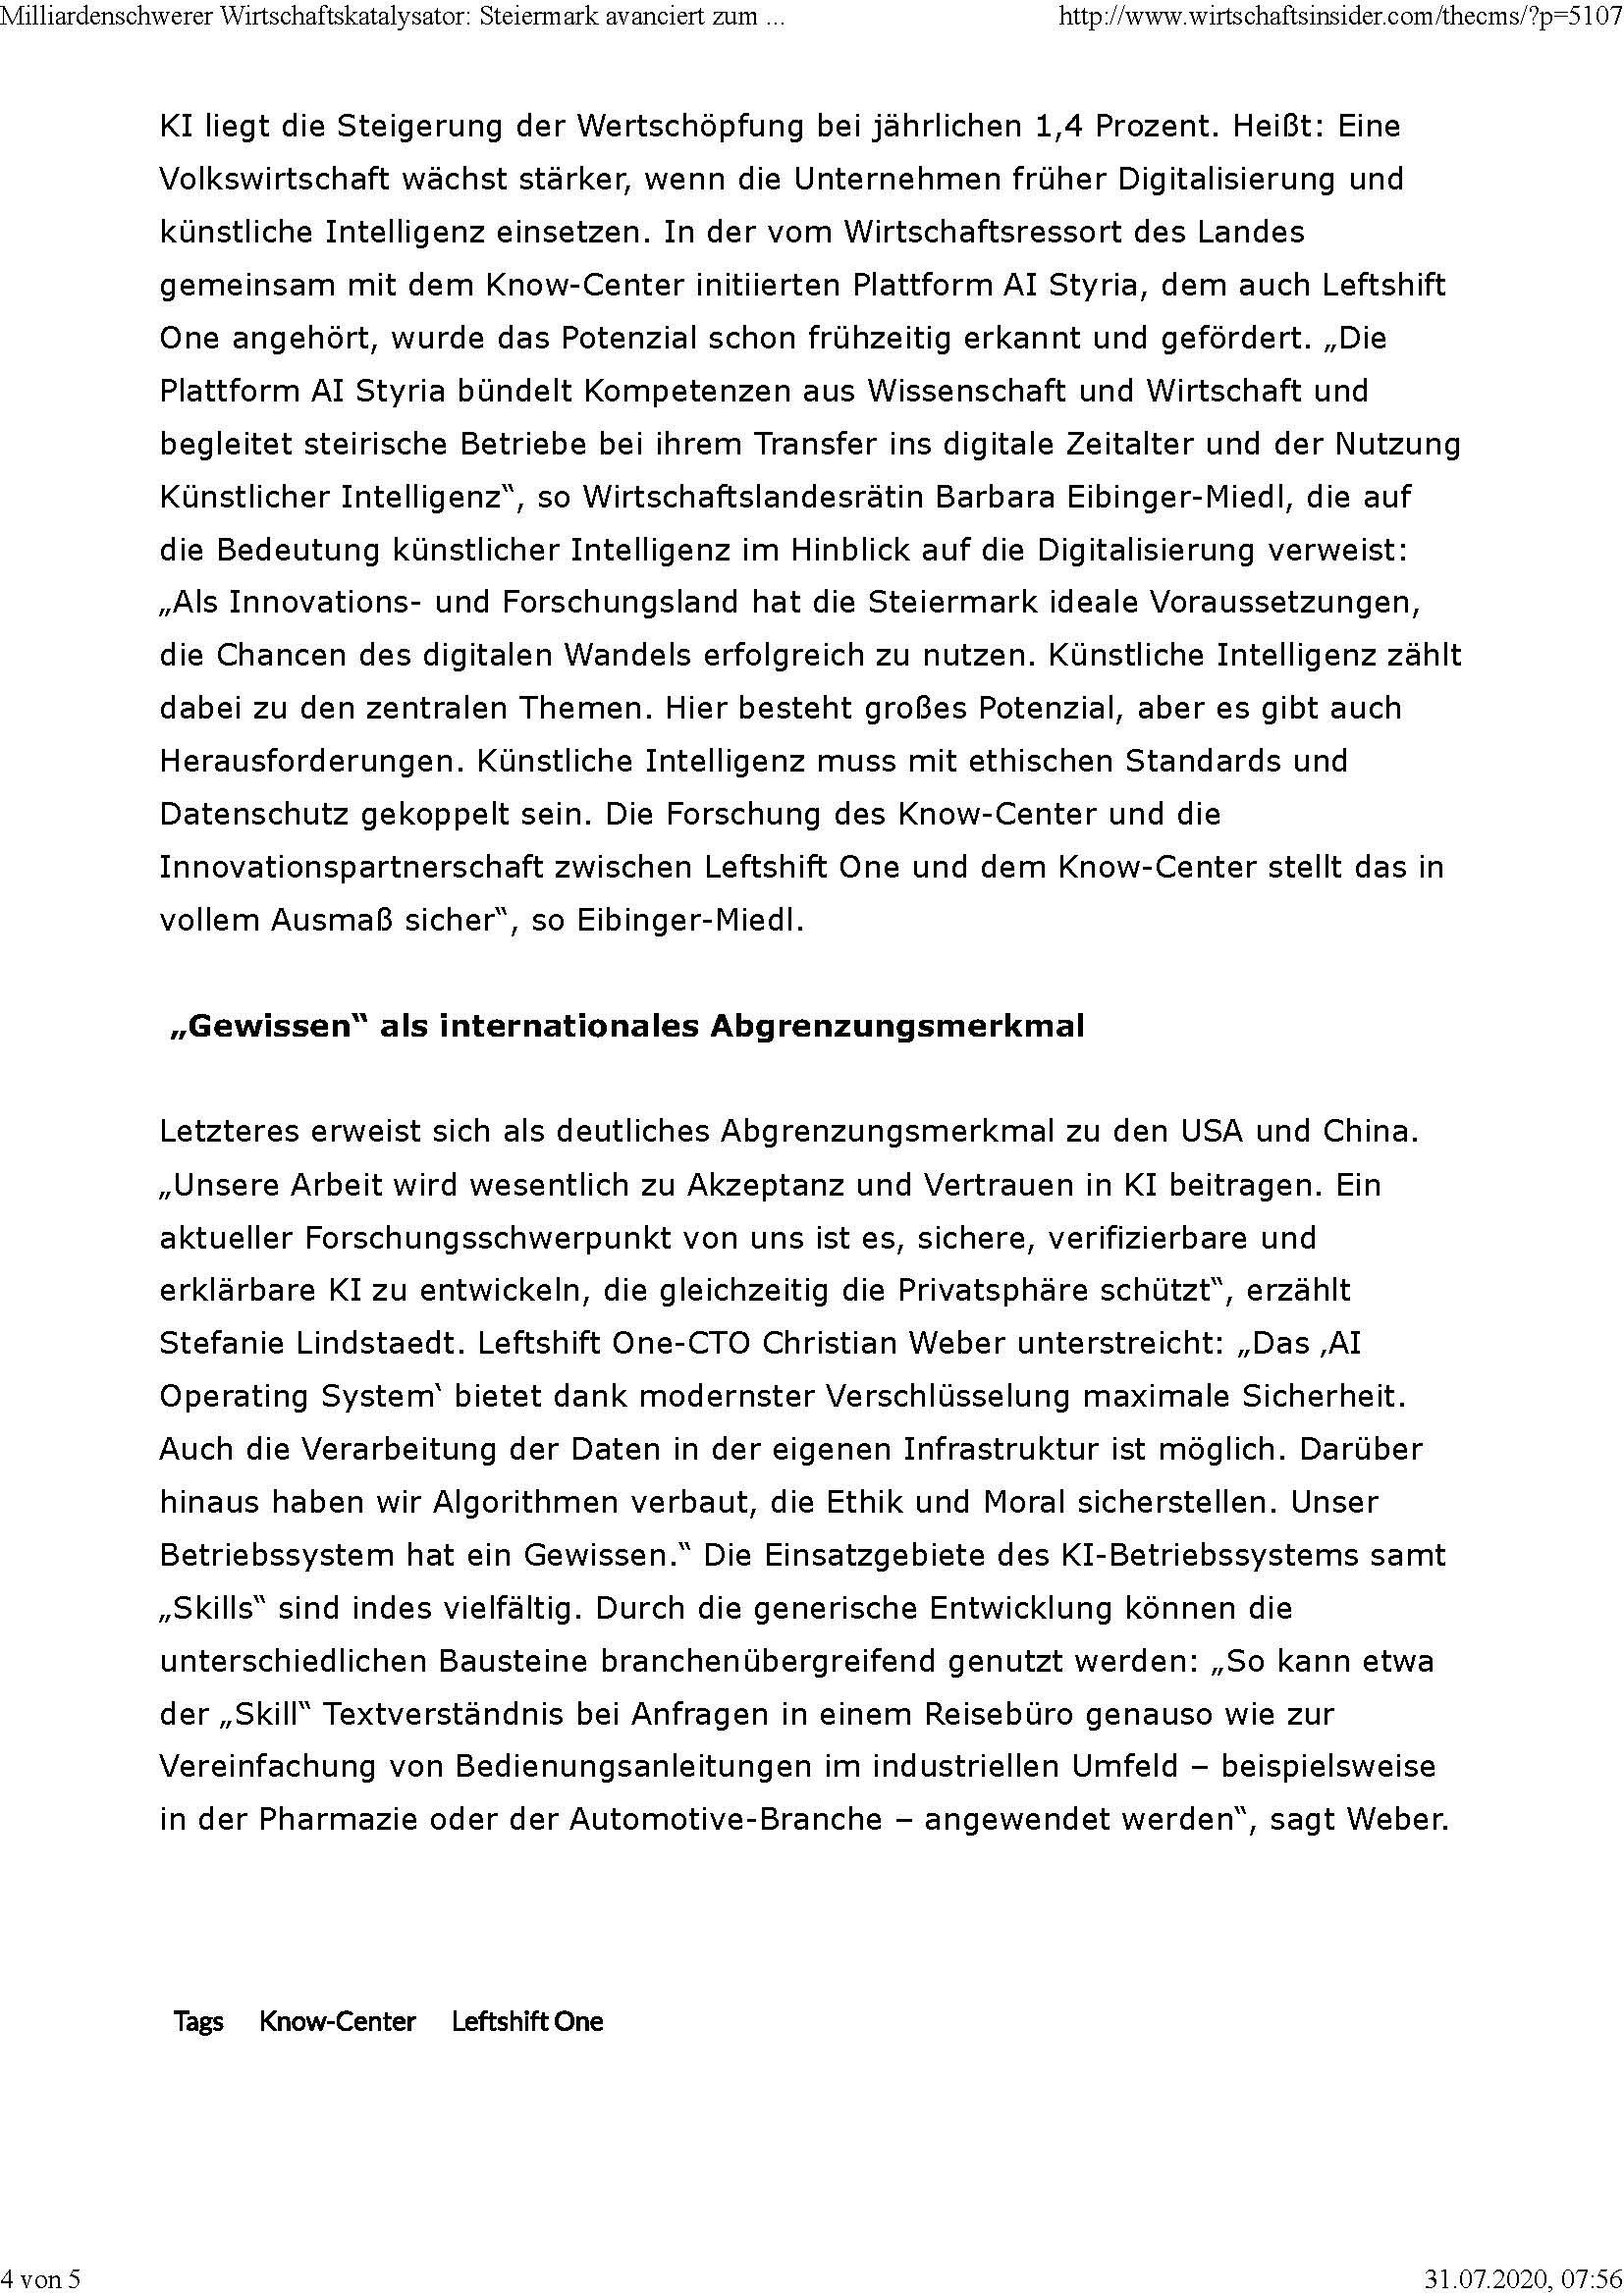 2020-07-10_Wirtschaftsinsider_Milliardenschwerer Wirtschaftskatalysator-Steiermark avanciert zum Zentrum für KI_Seite_4